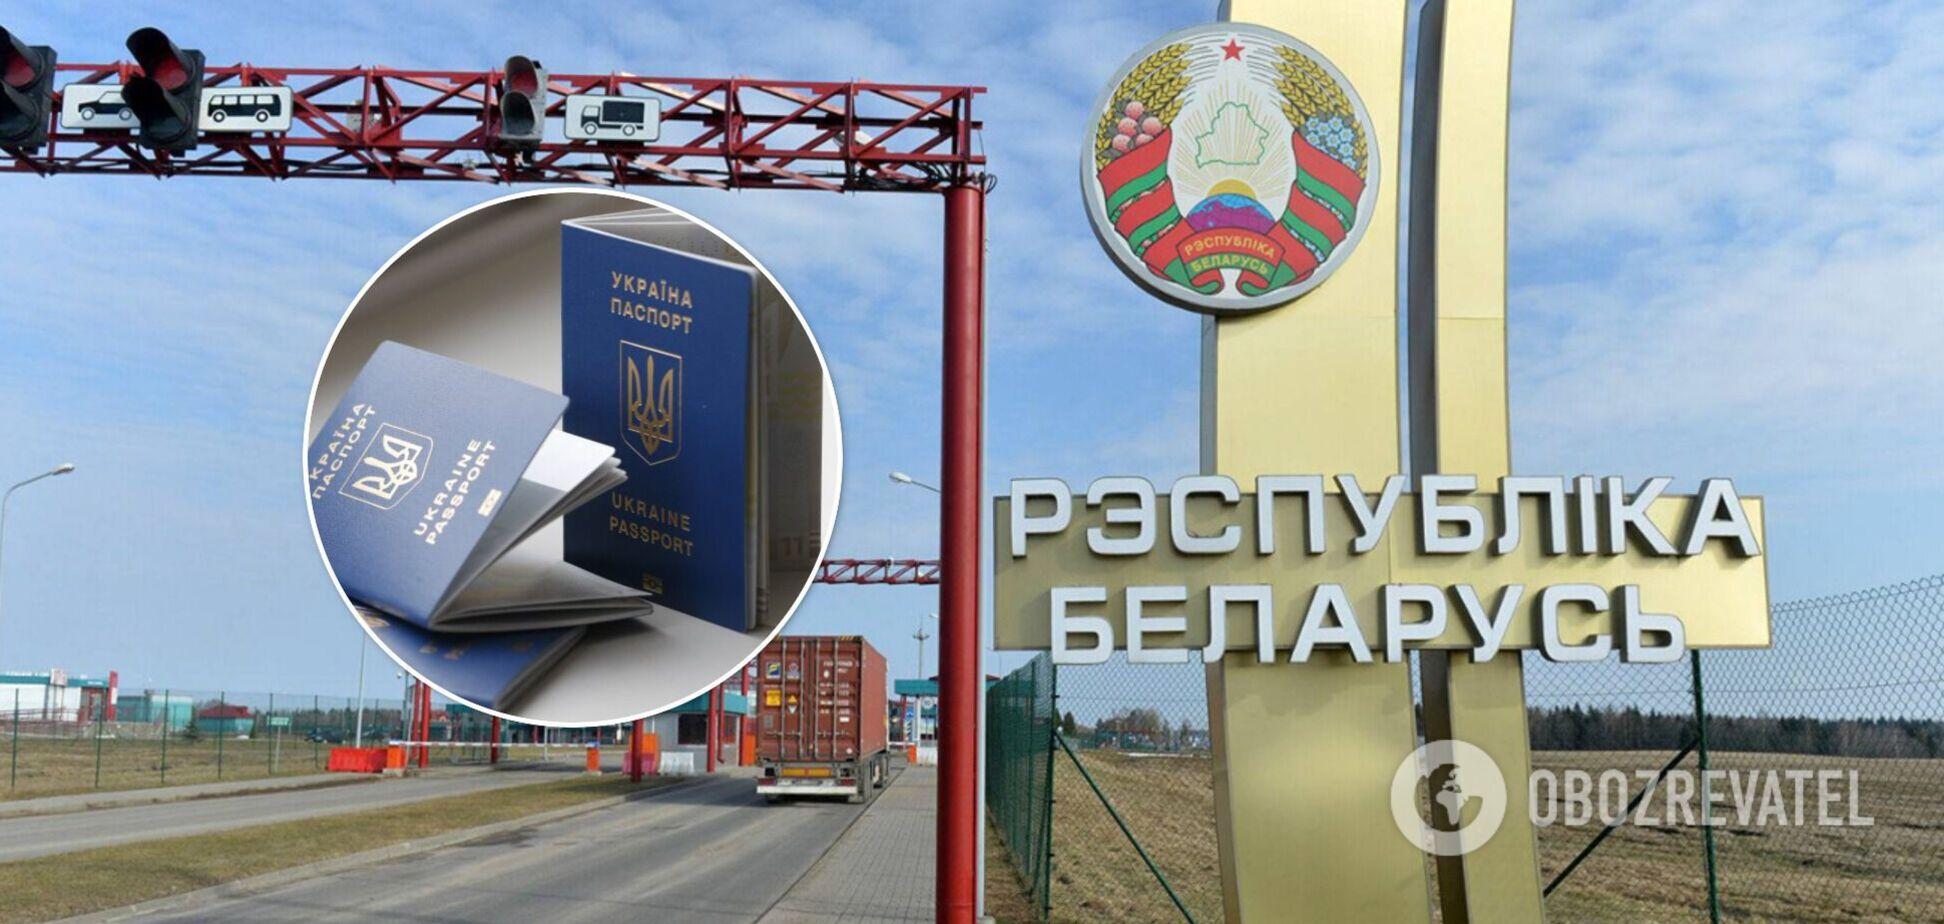 Беларусь продлила запрет на въезд украинцам: кто сможет попасть в страну